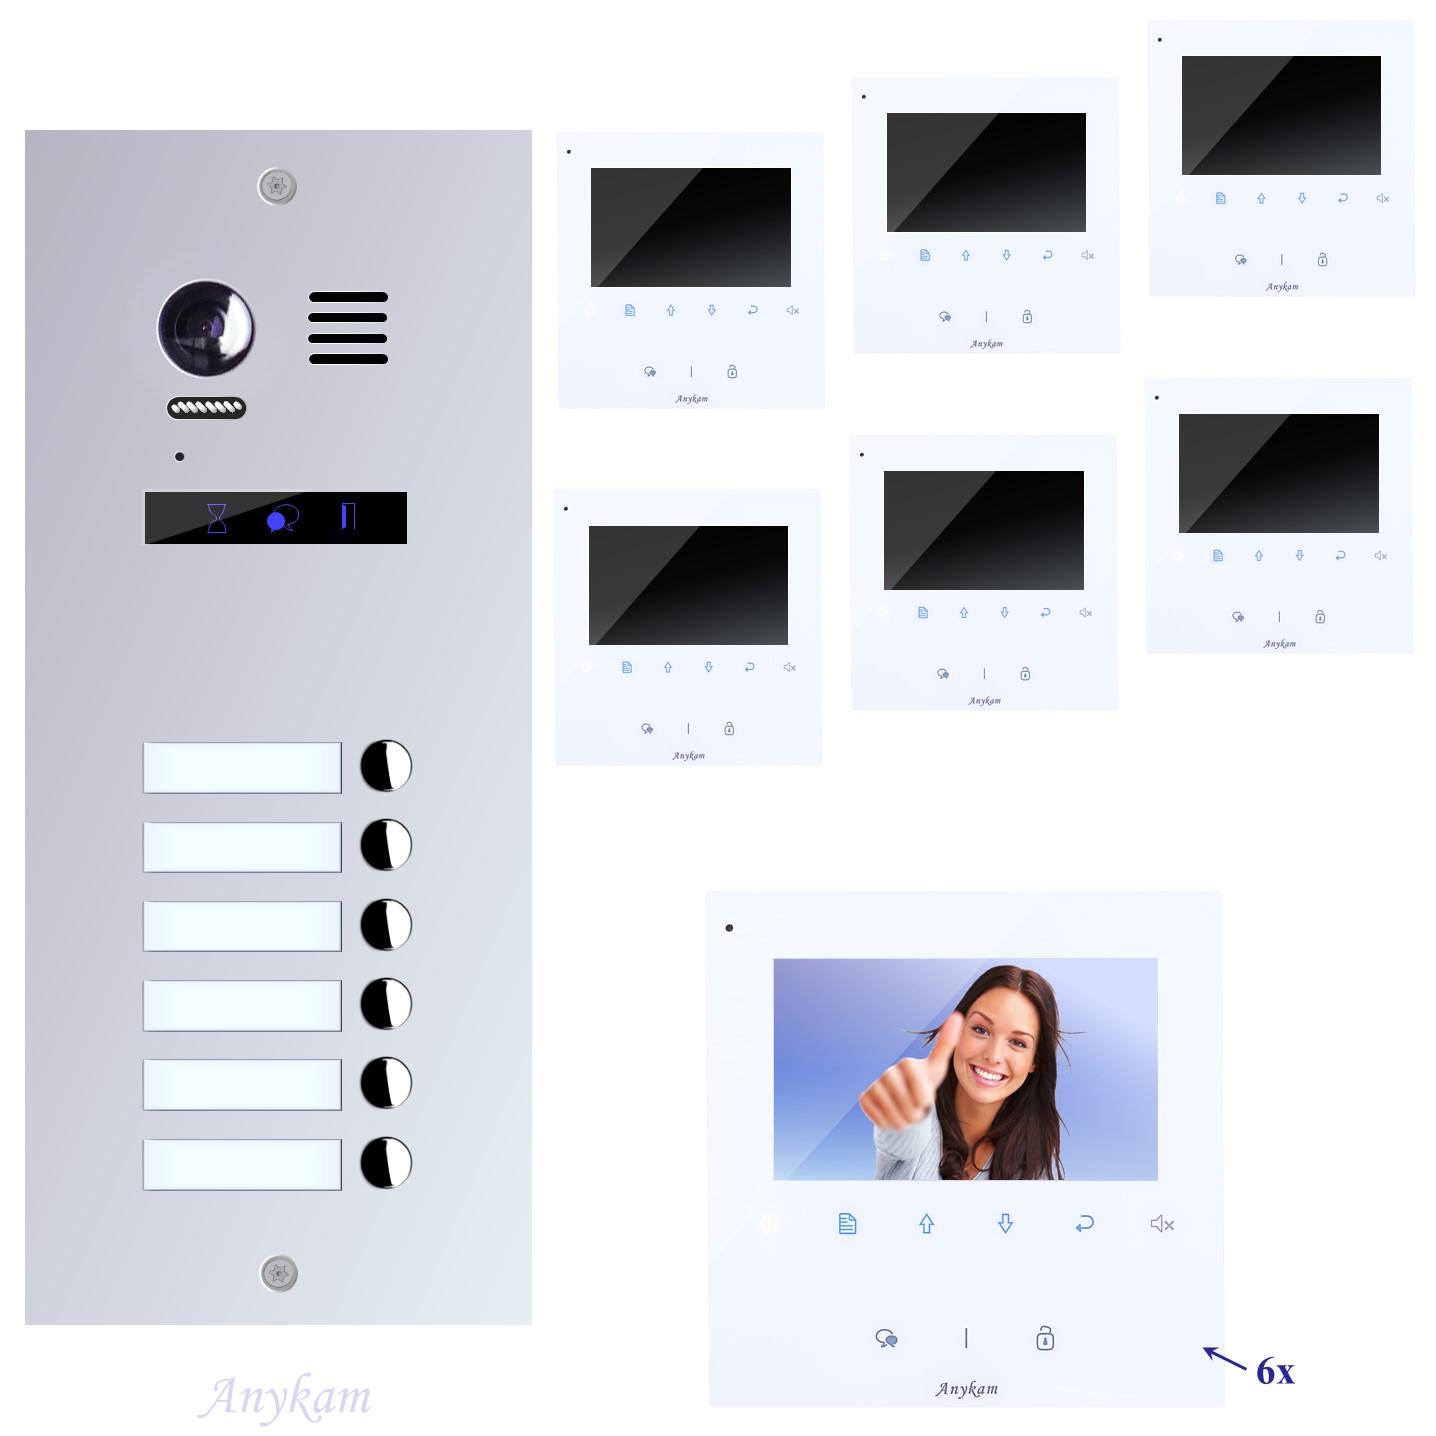 Video Klingelanlagen mit Kamera 2-draht 6-familienhaus mit Edelstahl Klingel ES6 Unterputzmontage